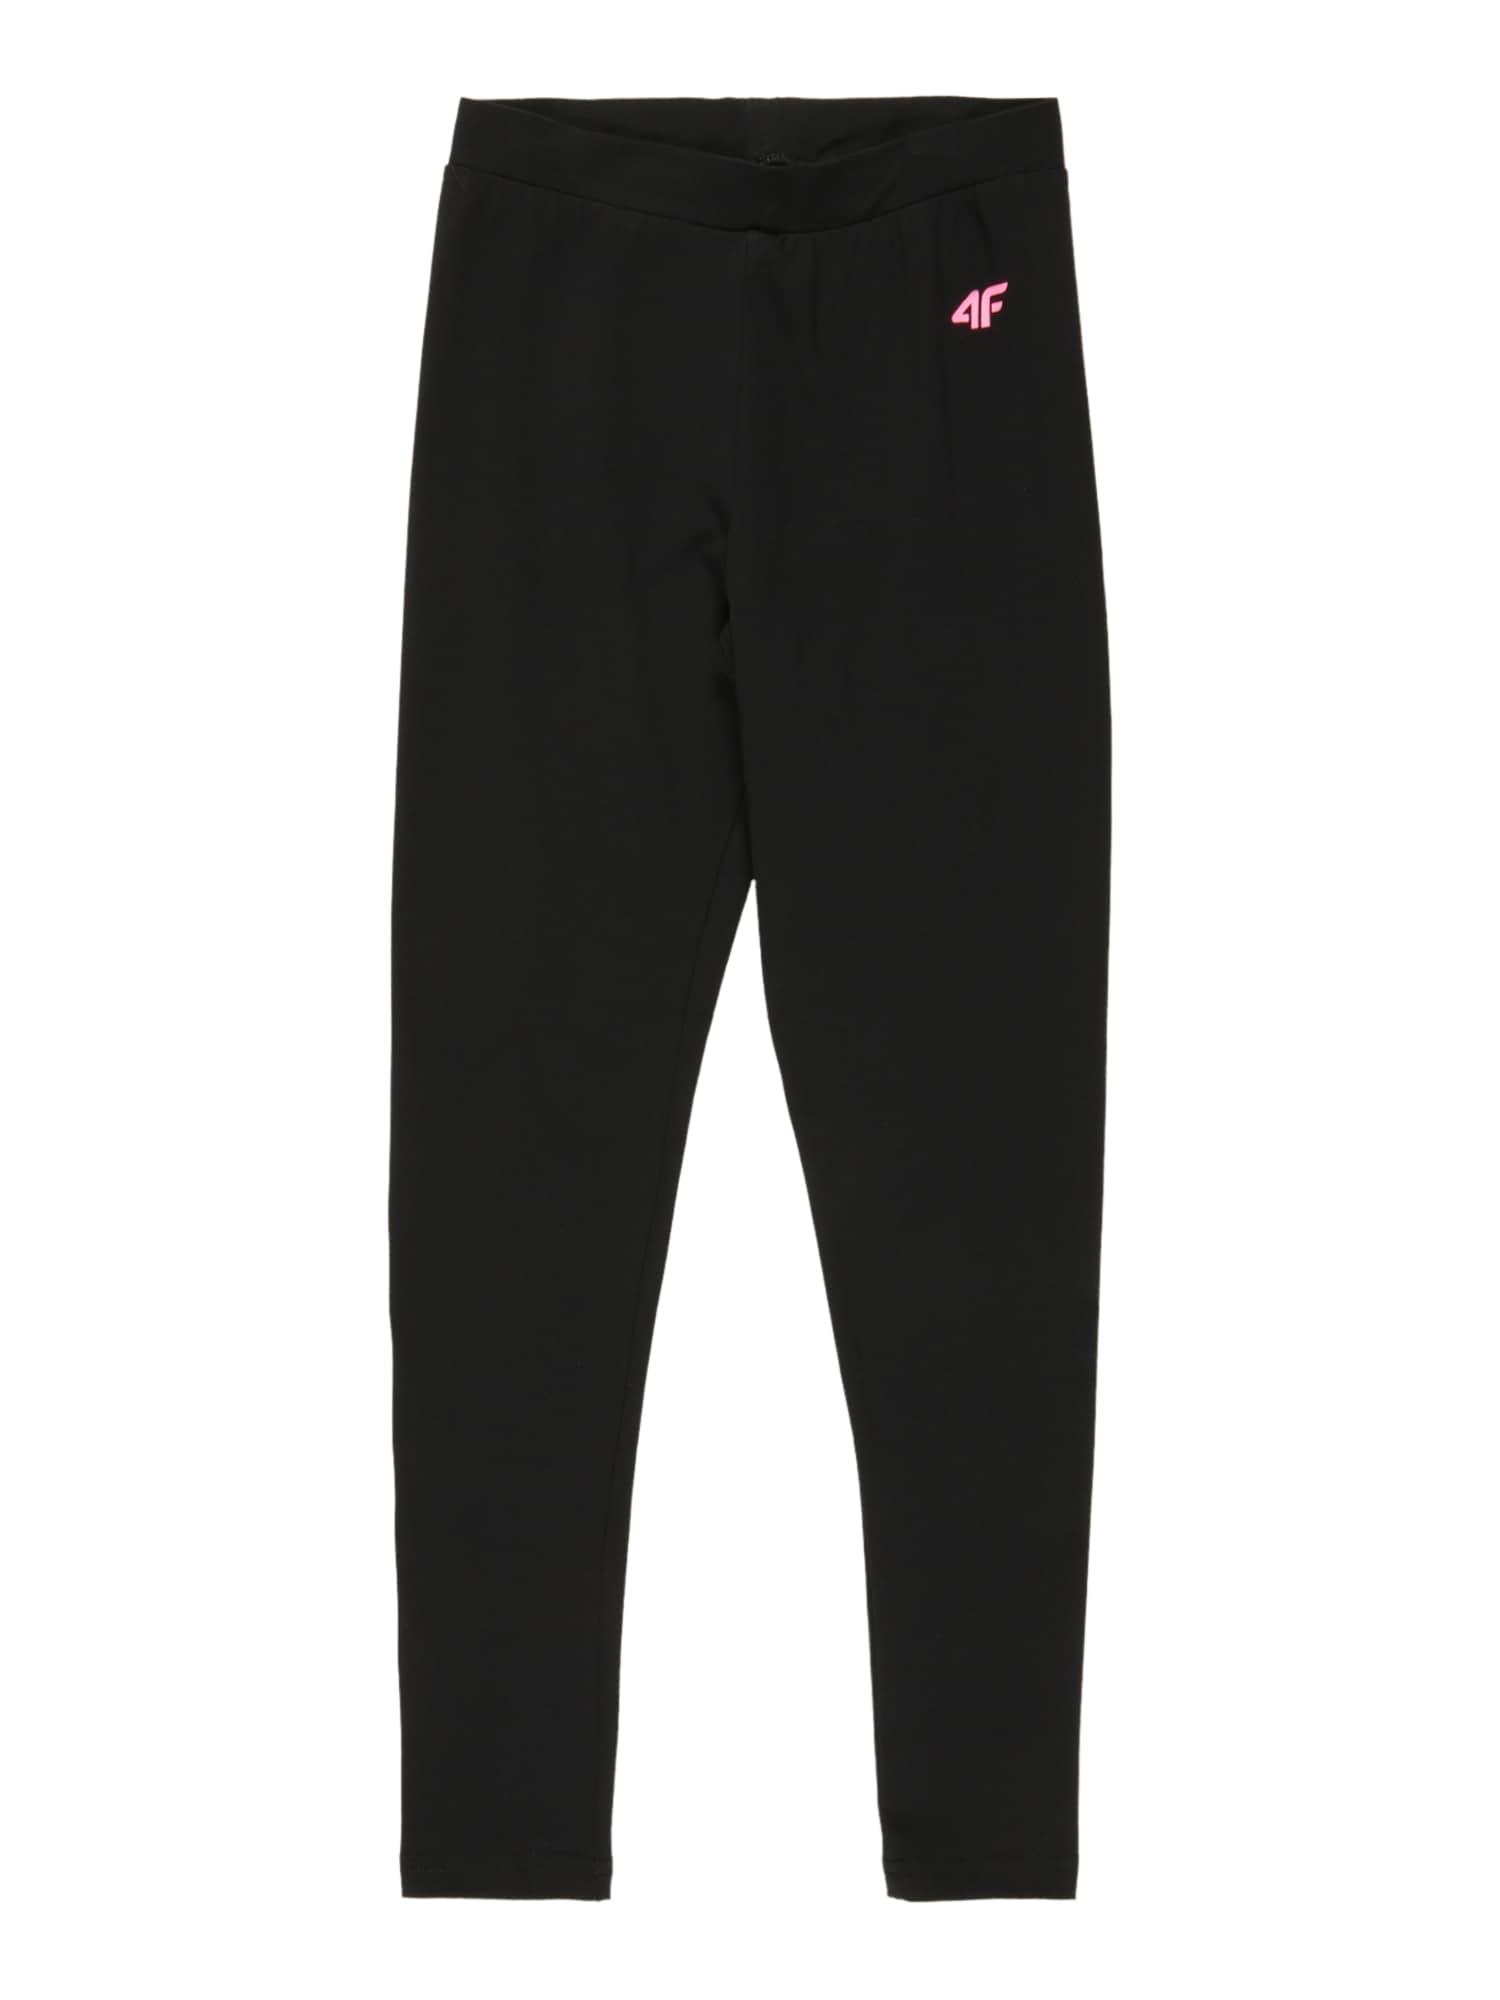 4F Sportinės kelnės juoda / rožinė